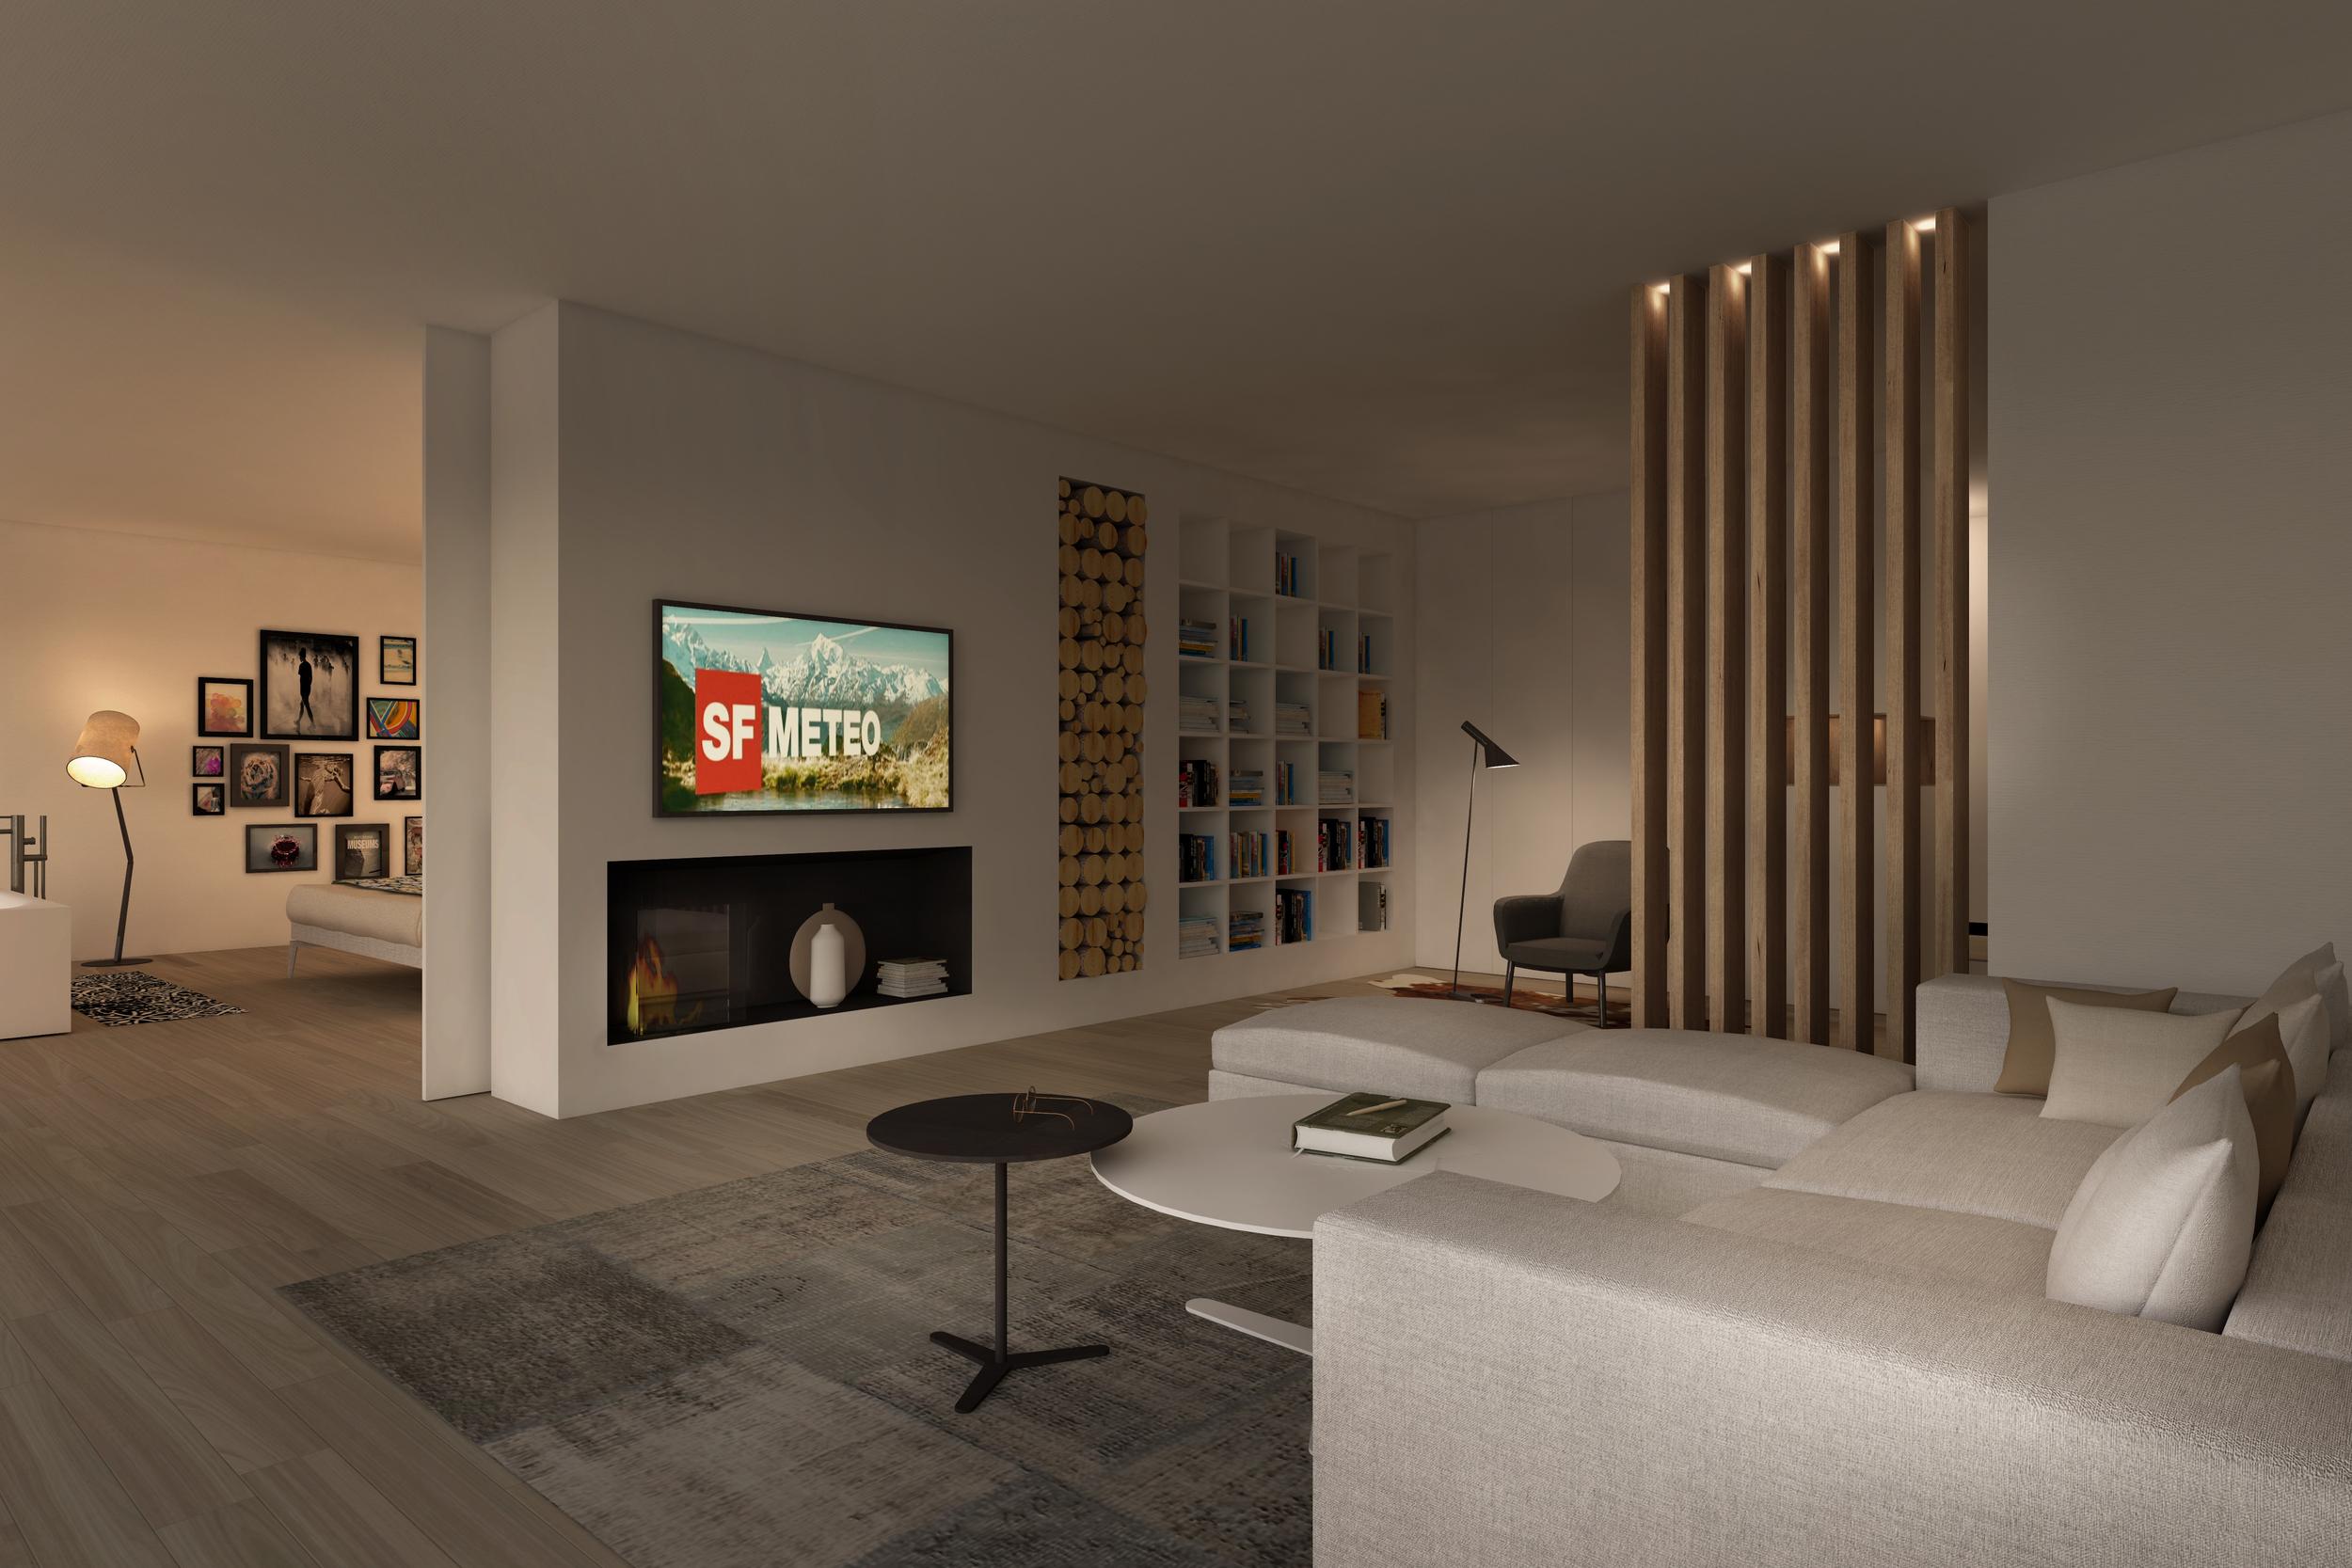 Innenarchitektur einfamilienhaus ideen zur innenarchitektur ideenwettbewerb innenarchitektur innenarchitektur design ideen 02 steckborn wohnzimmer jpg